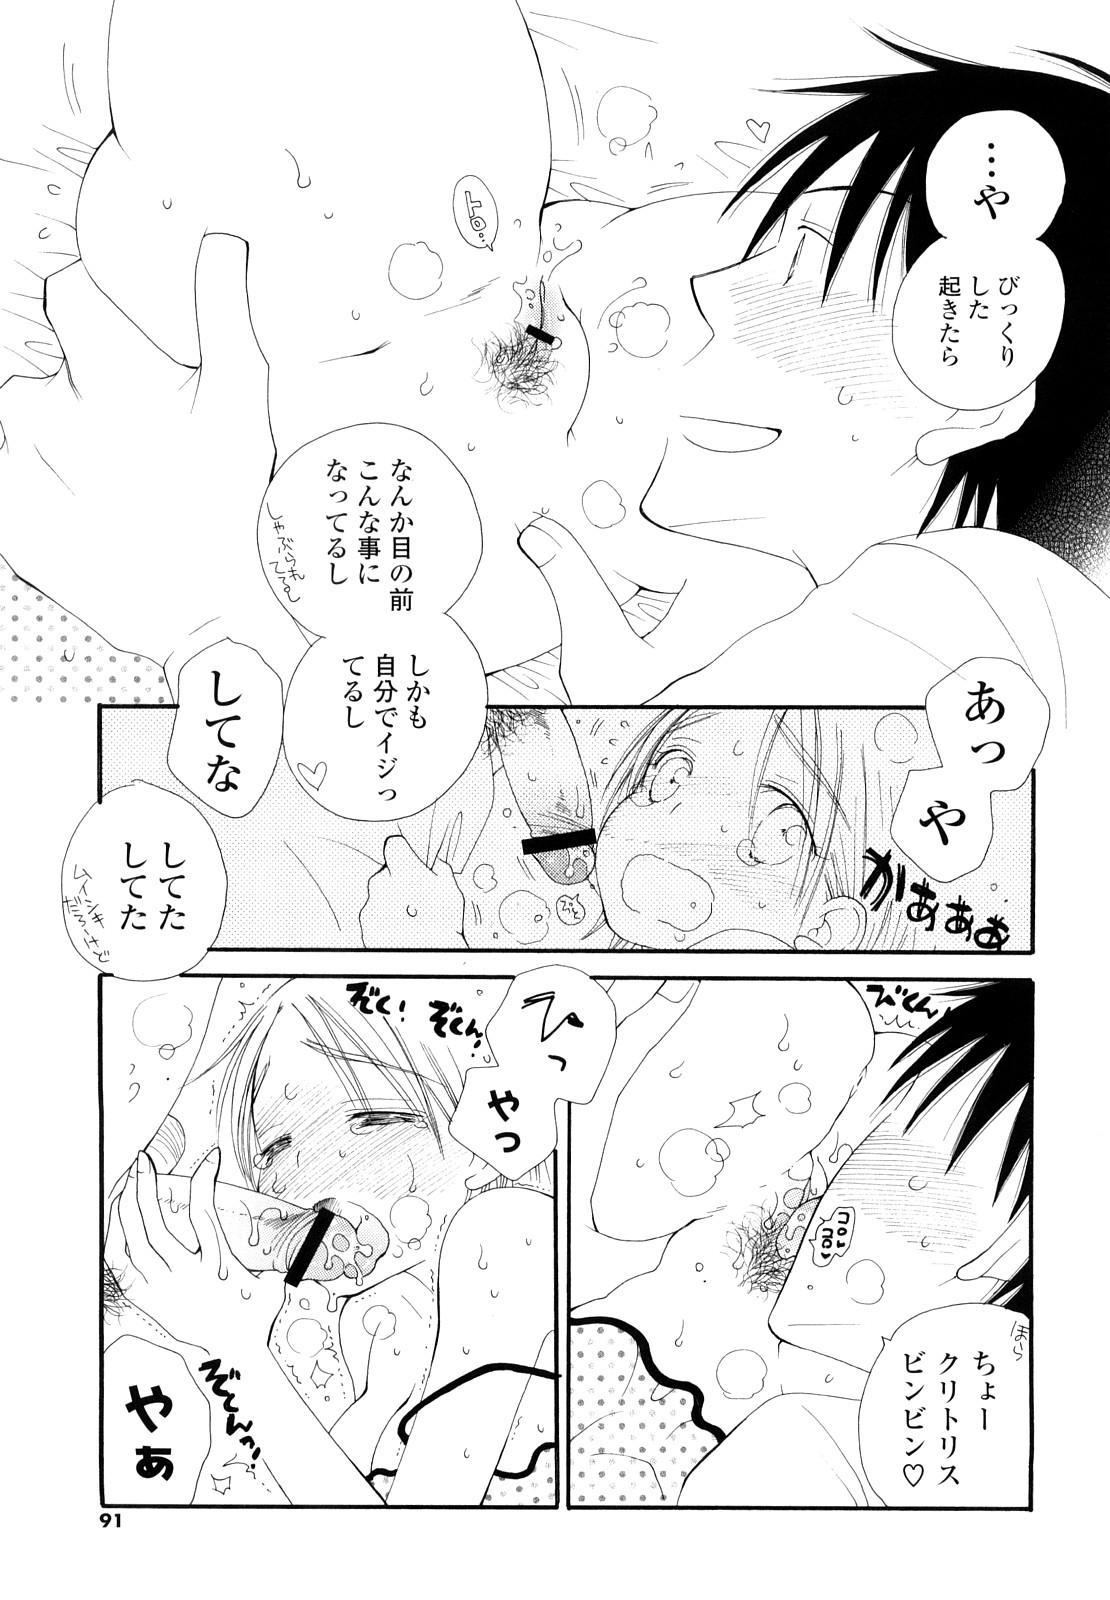 Houkago Nyan Nyan 89